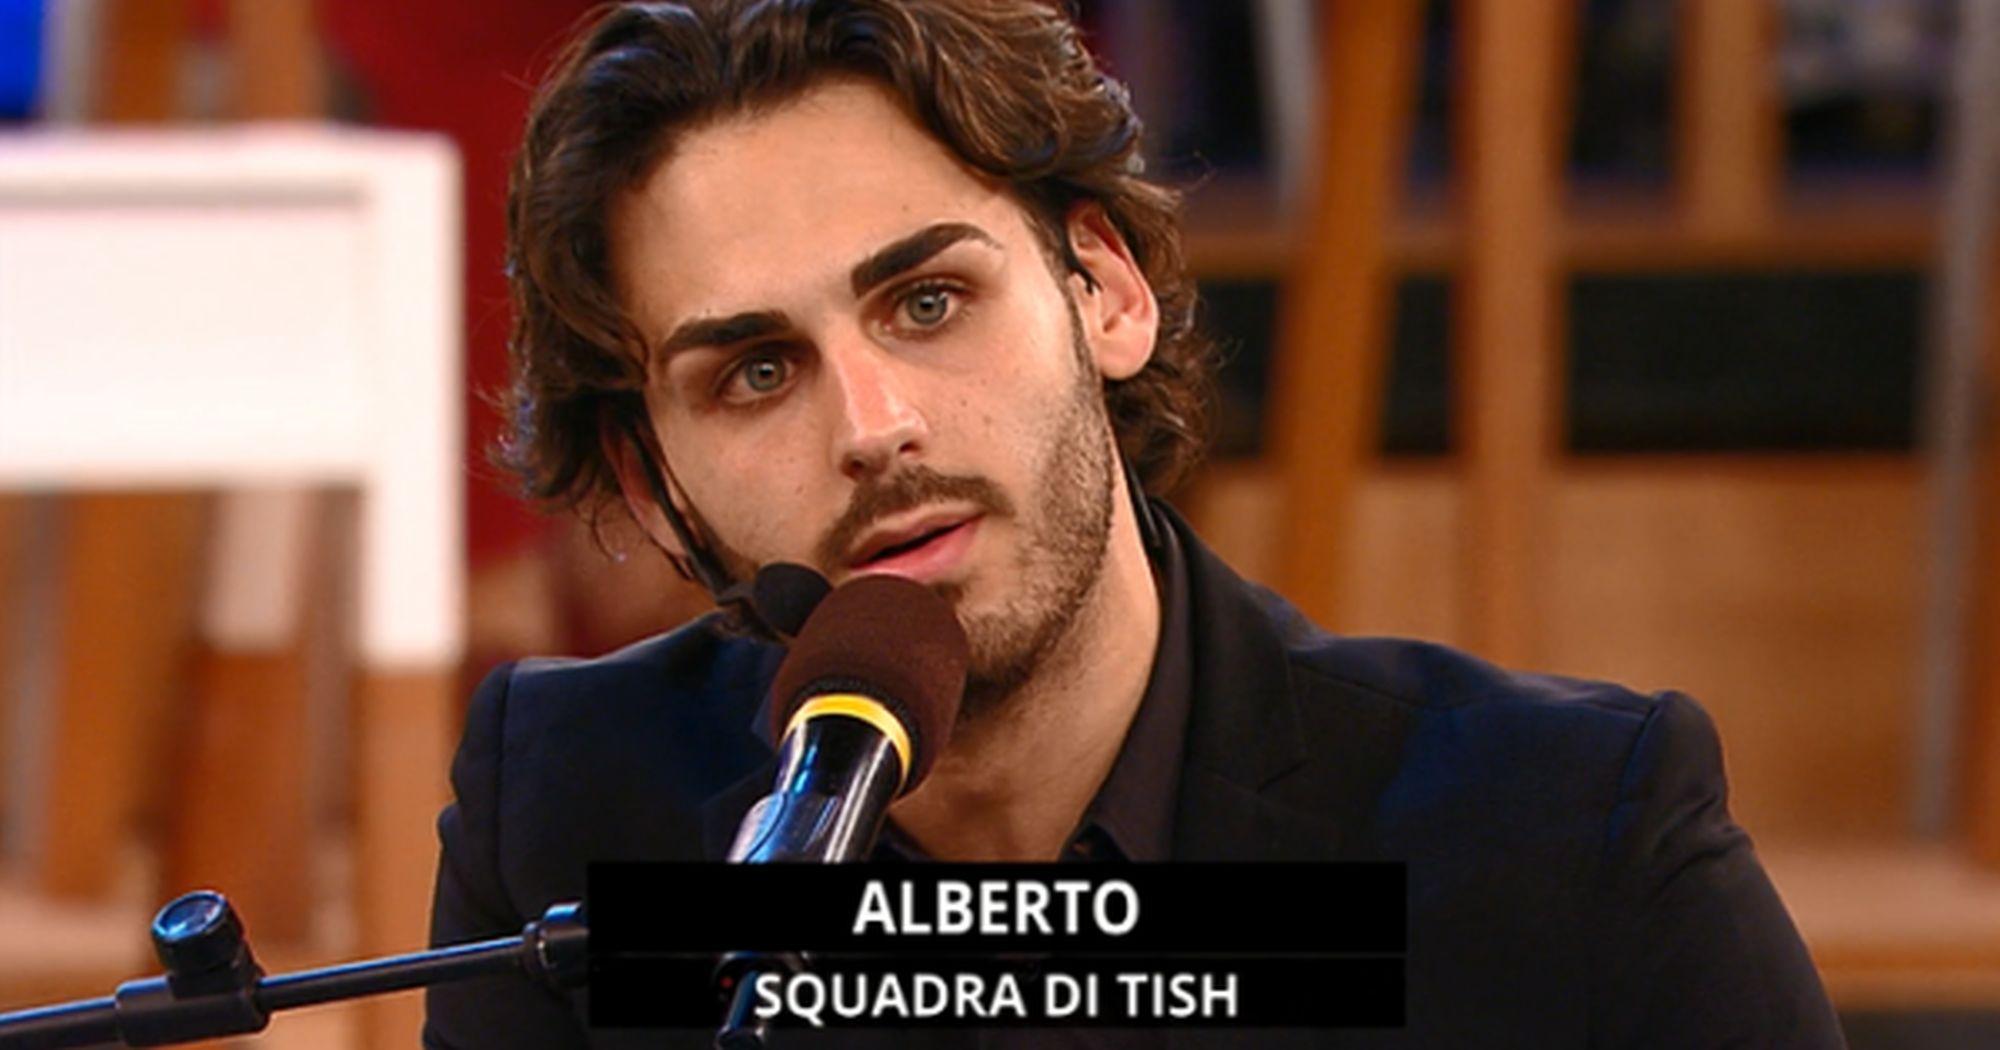 """Alberto Urso a Sanremo 2020 con """"Il sole ad est"""": testo, audio, significato"""